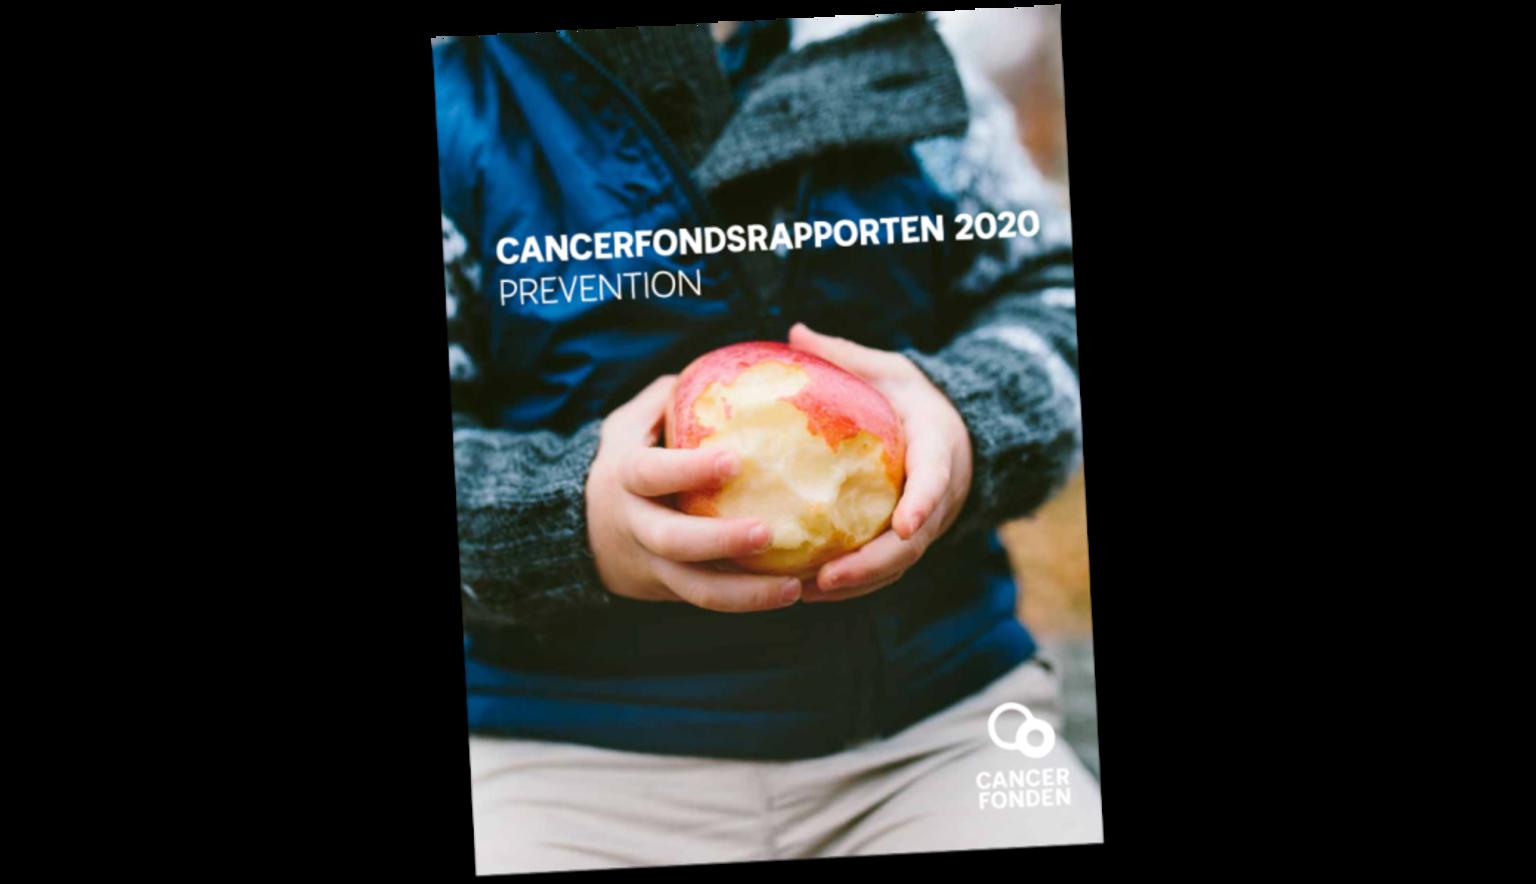 Omslagsbild till Cancerfondsrapporten Prevention 2020. En pojke håller ett äpple i sina händer.